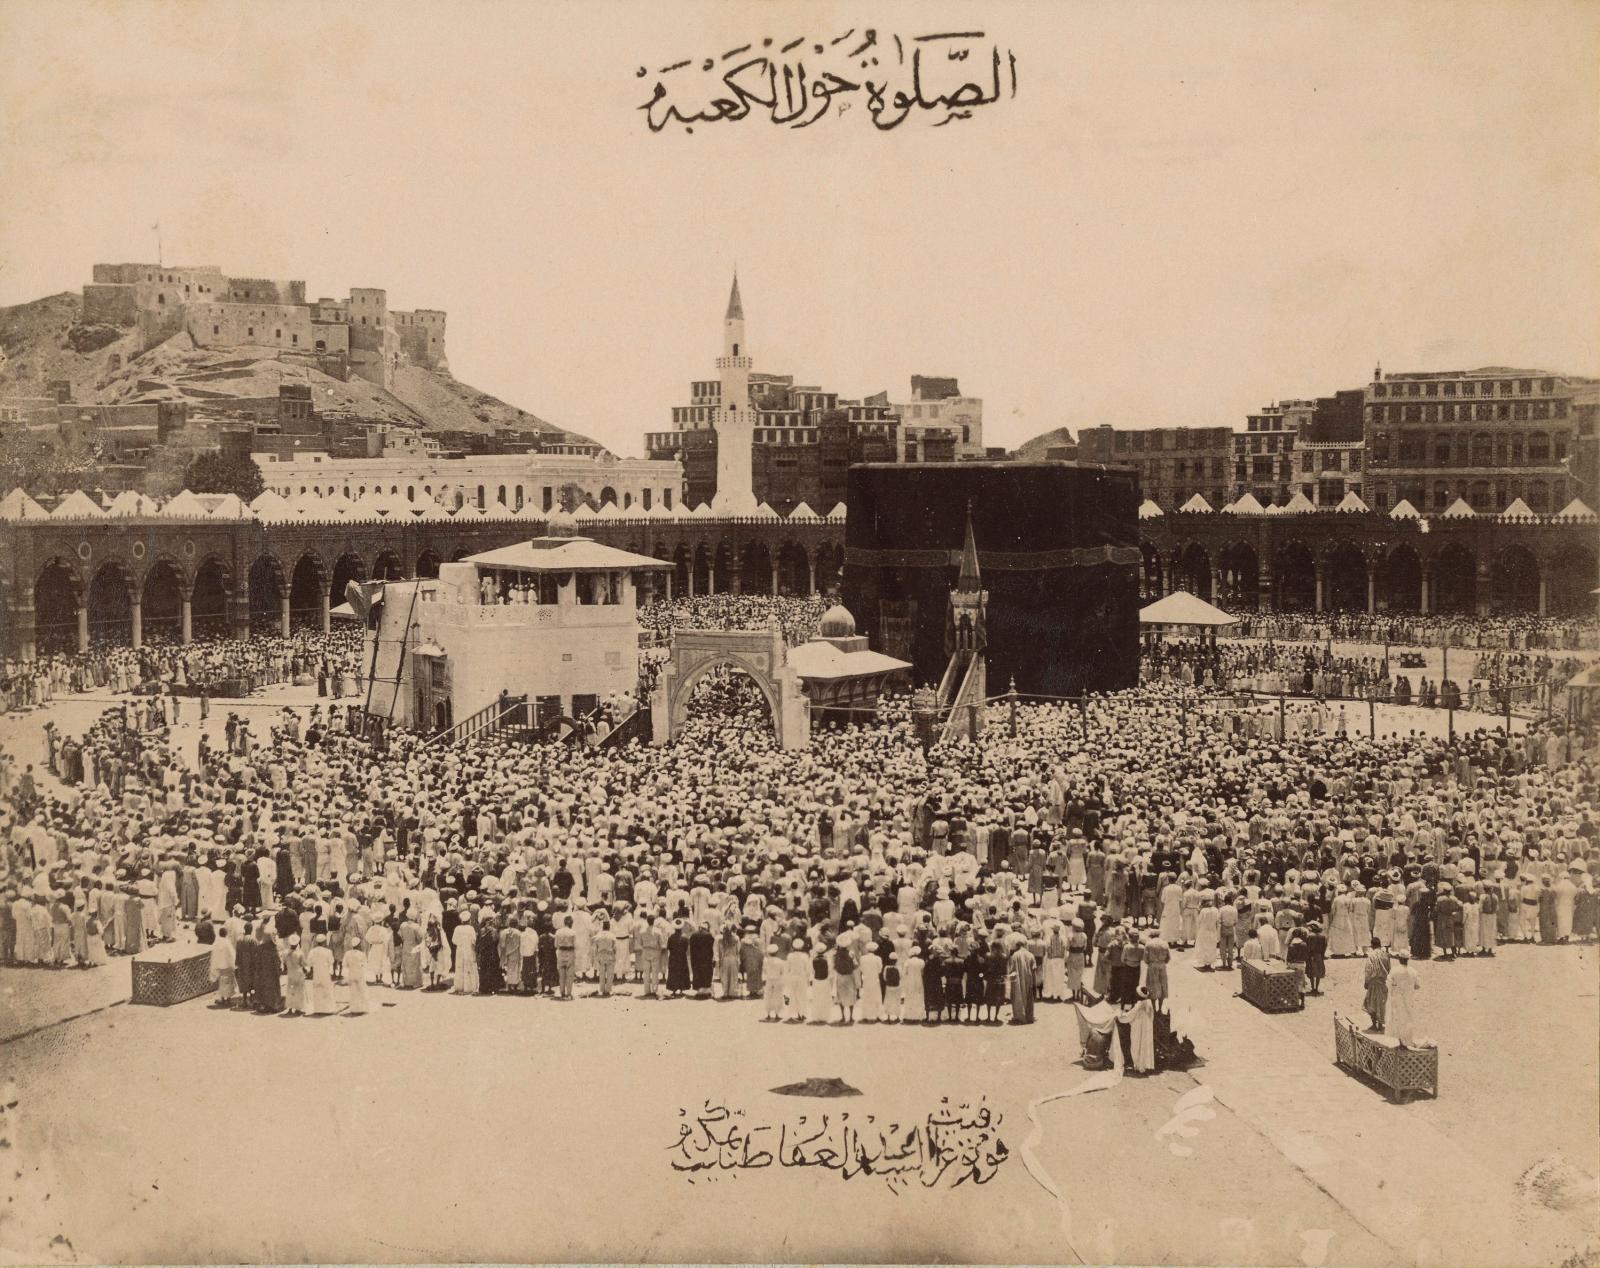 Muhammad Sadiq Bey (1832-1902), Christiaan Snouck Hurgronje (1857-1936) et Abd al-Ghaffar(?-?), ensemble d'épreuves montrant les villes s